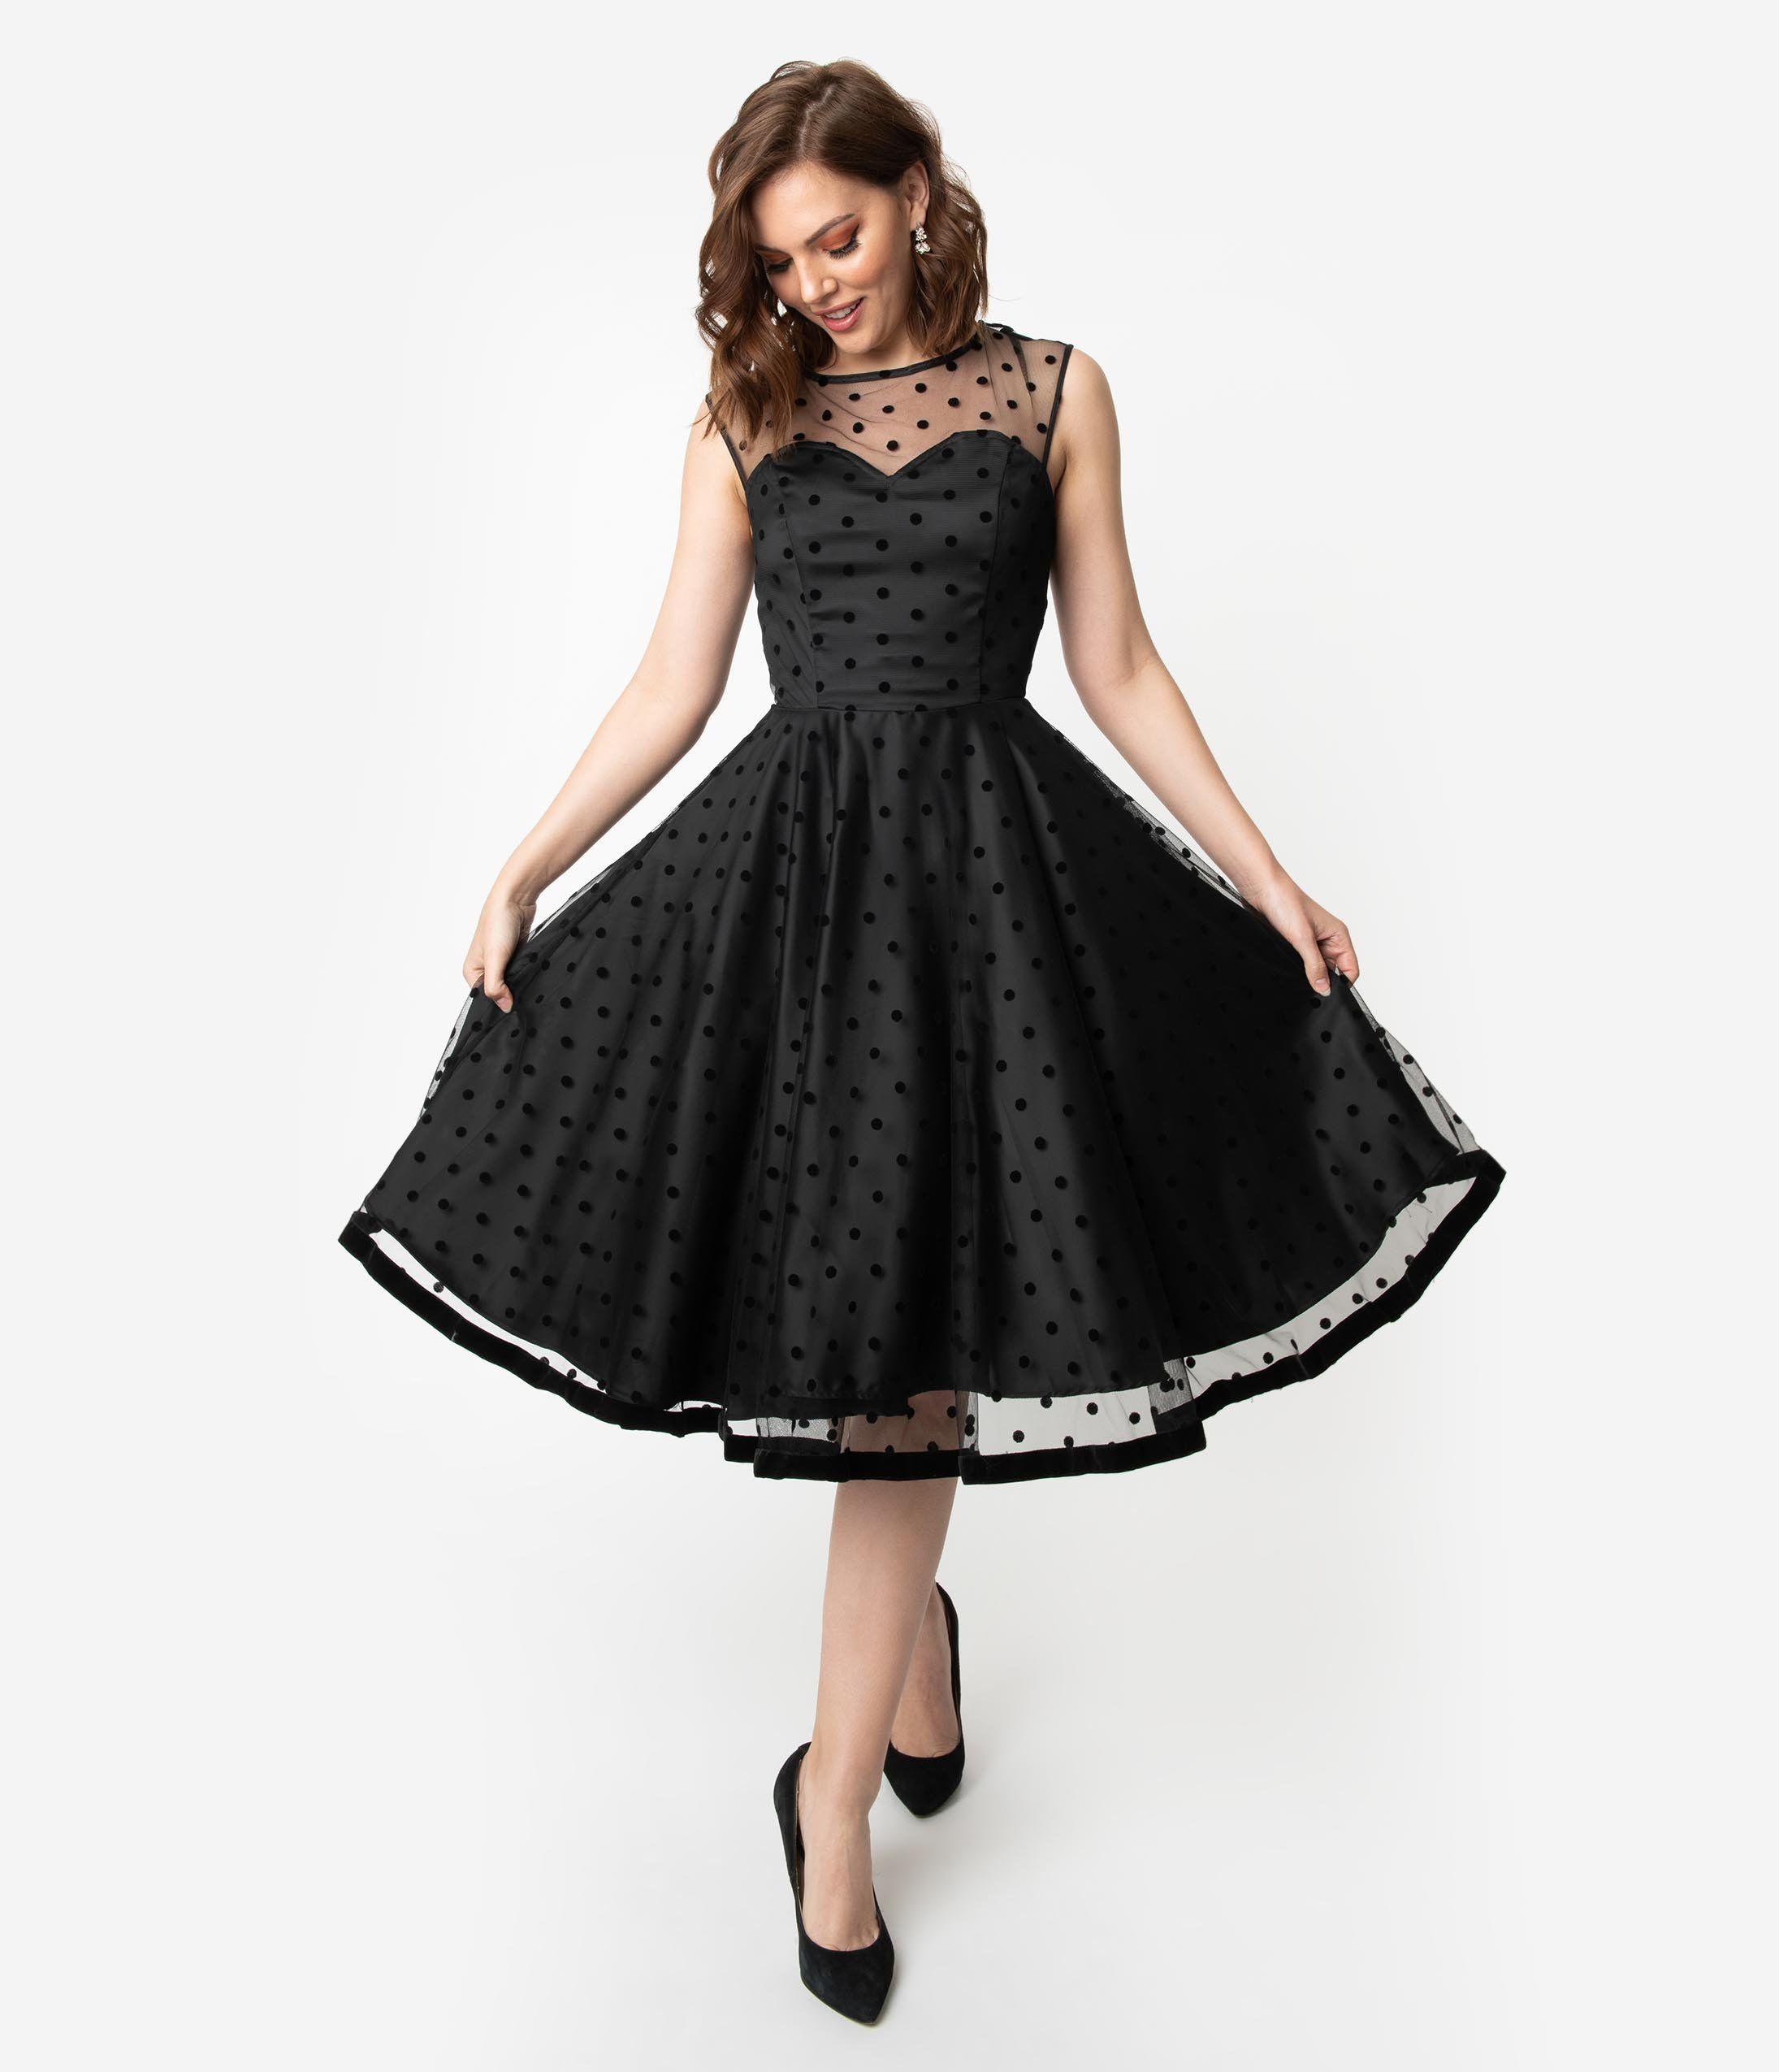 1950s Party Dress 1950s Fashion Dresses 1950s Fashion Swing Dress [ 2550 x 2190 Pixel ]